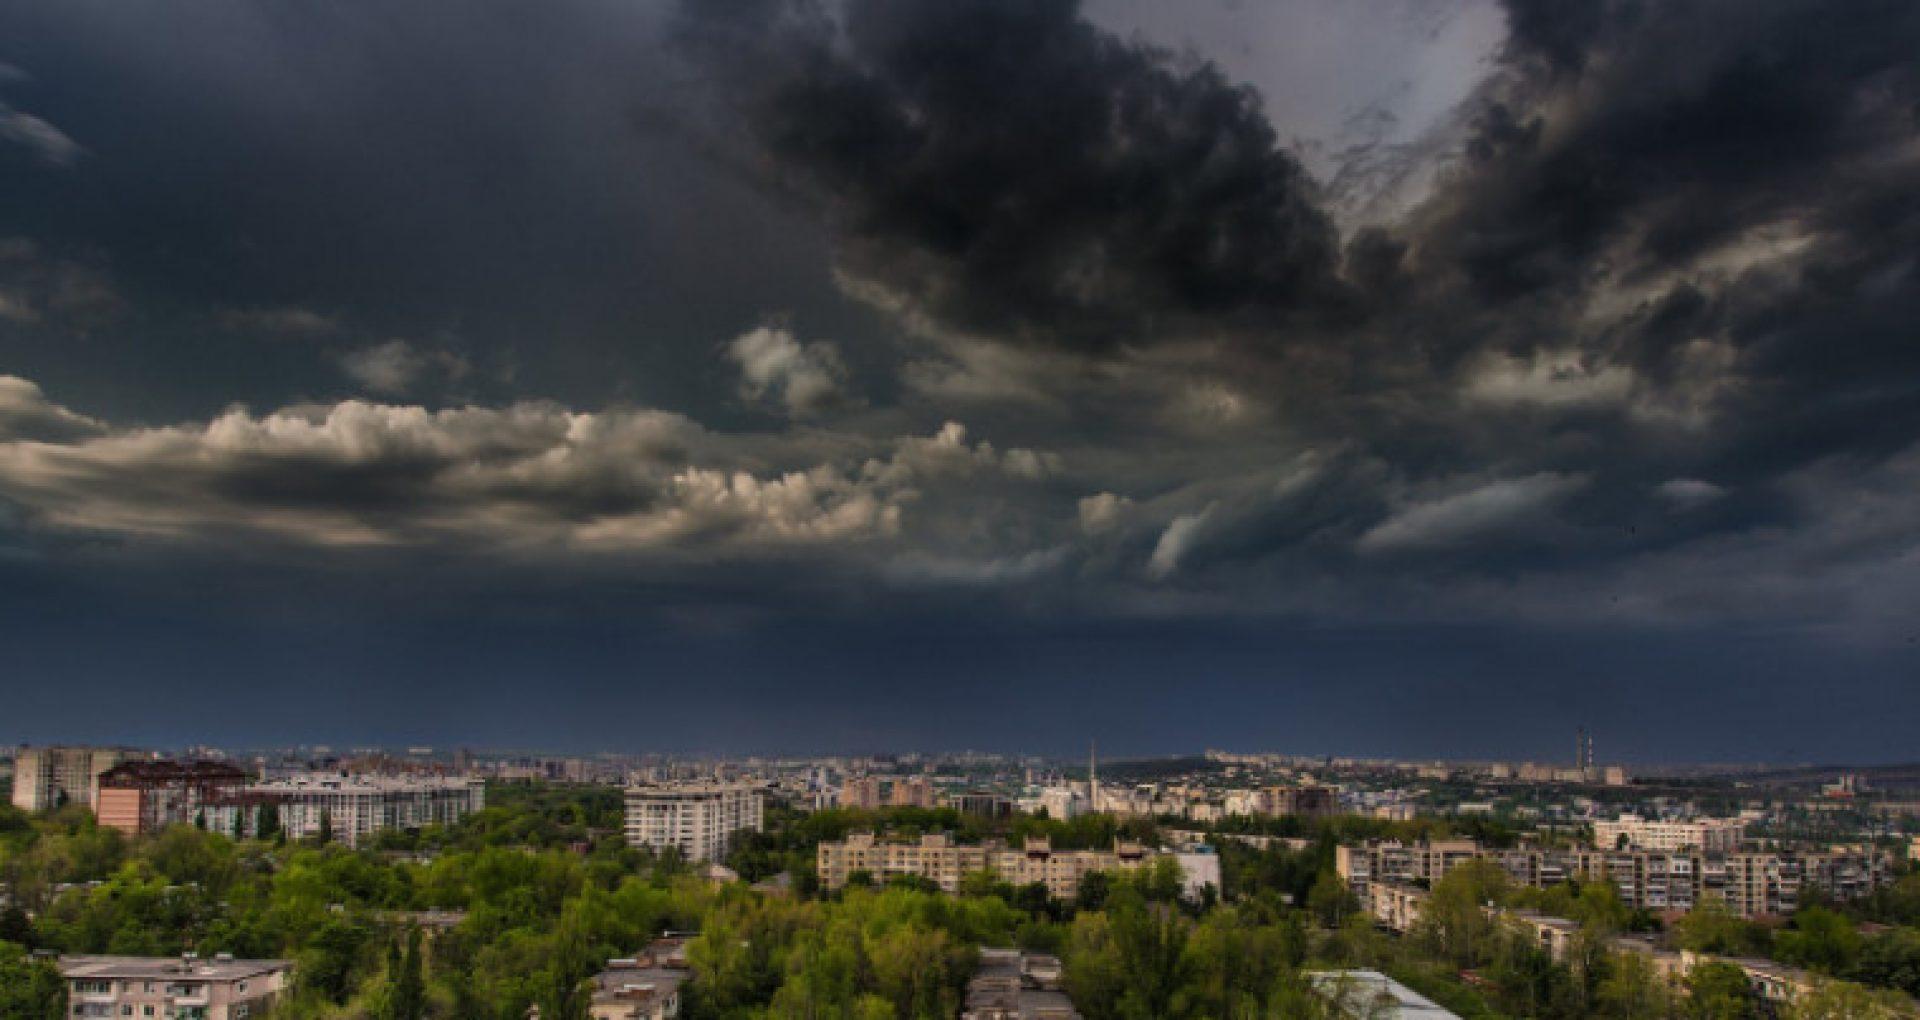 Meteorologii au emis cod galben de instabilitate atmosferică